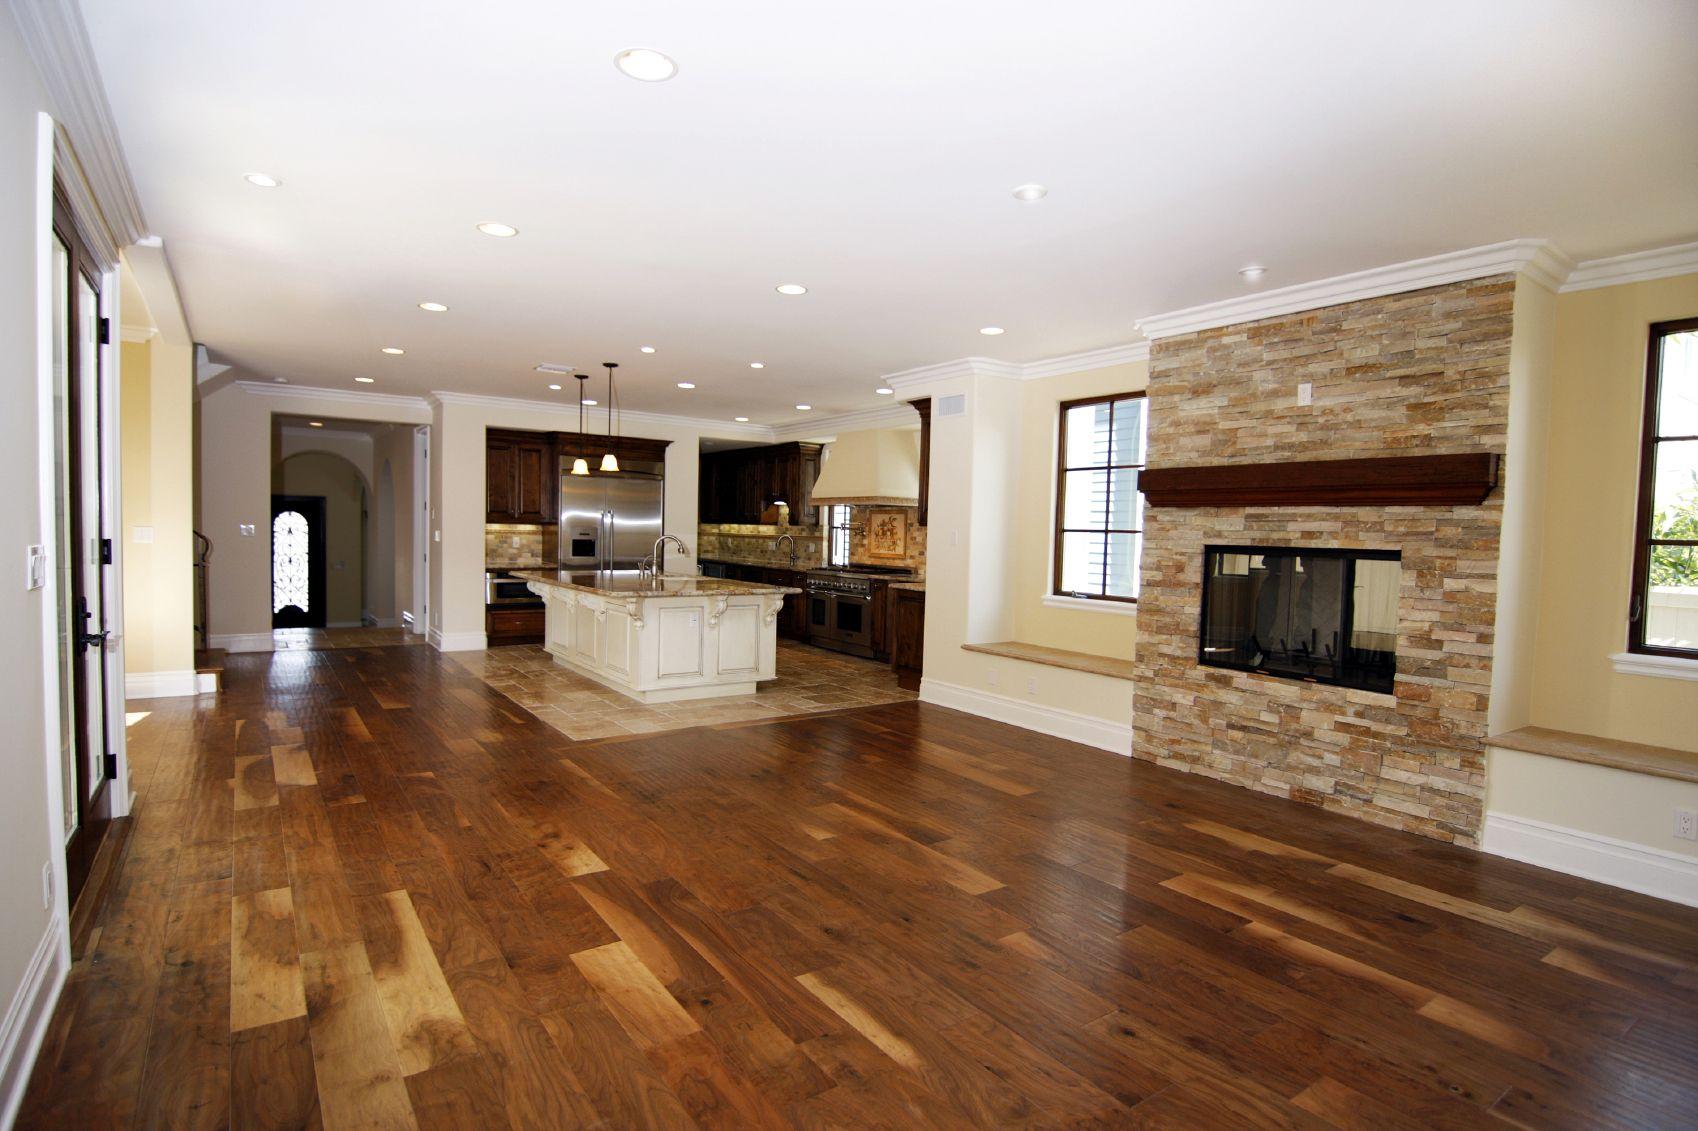 Hardwood Flooring In Atlanta Ga Installed By Metro Atl Floors Flooring Wood Floors Rustic Contemporary